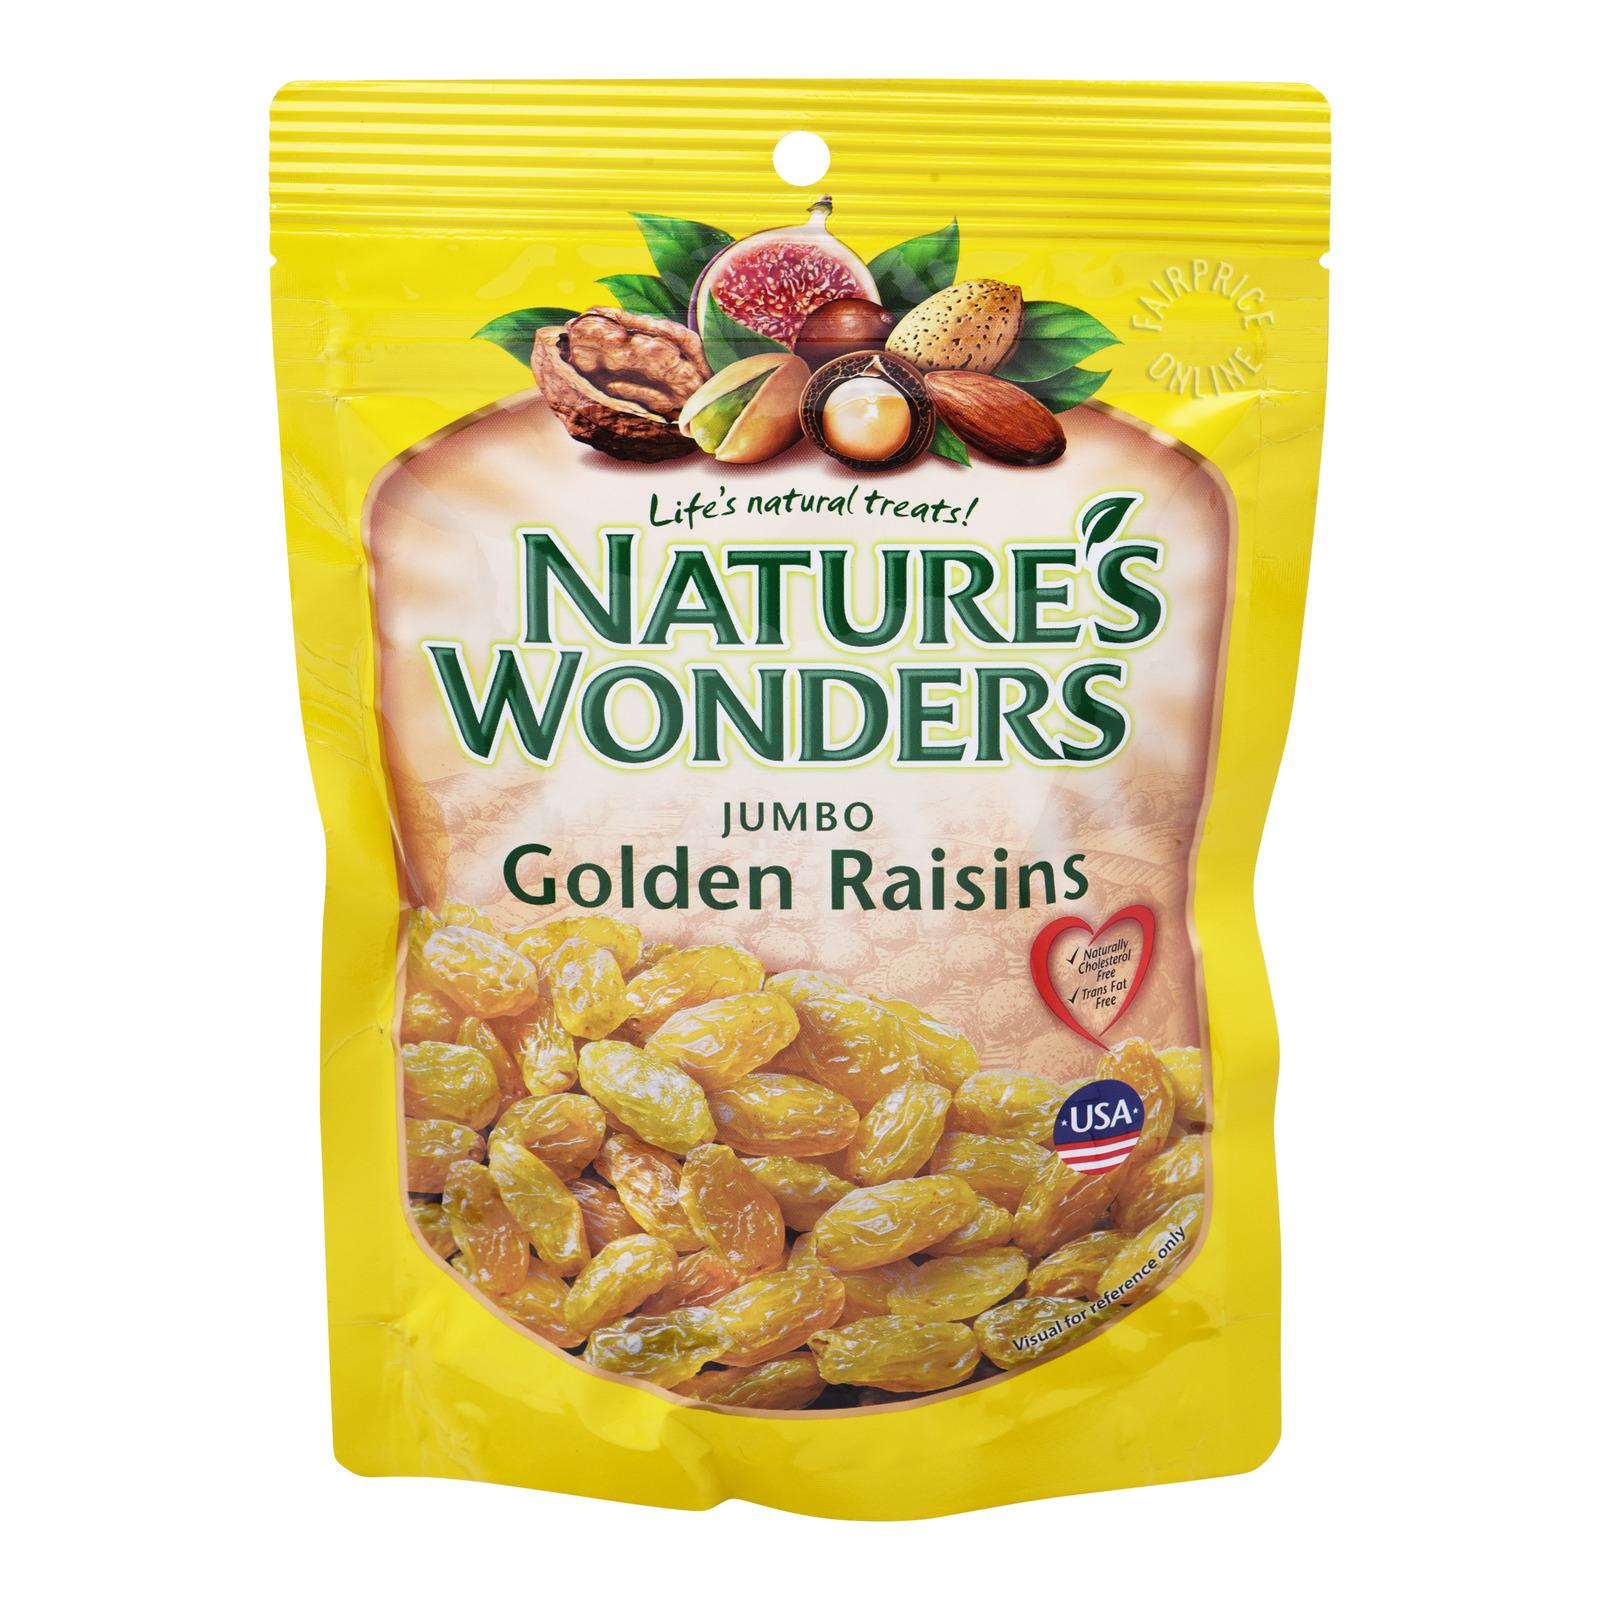 Nature's Wonders Golden Raisins - Jumbo